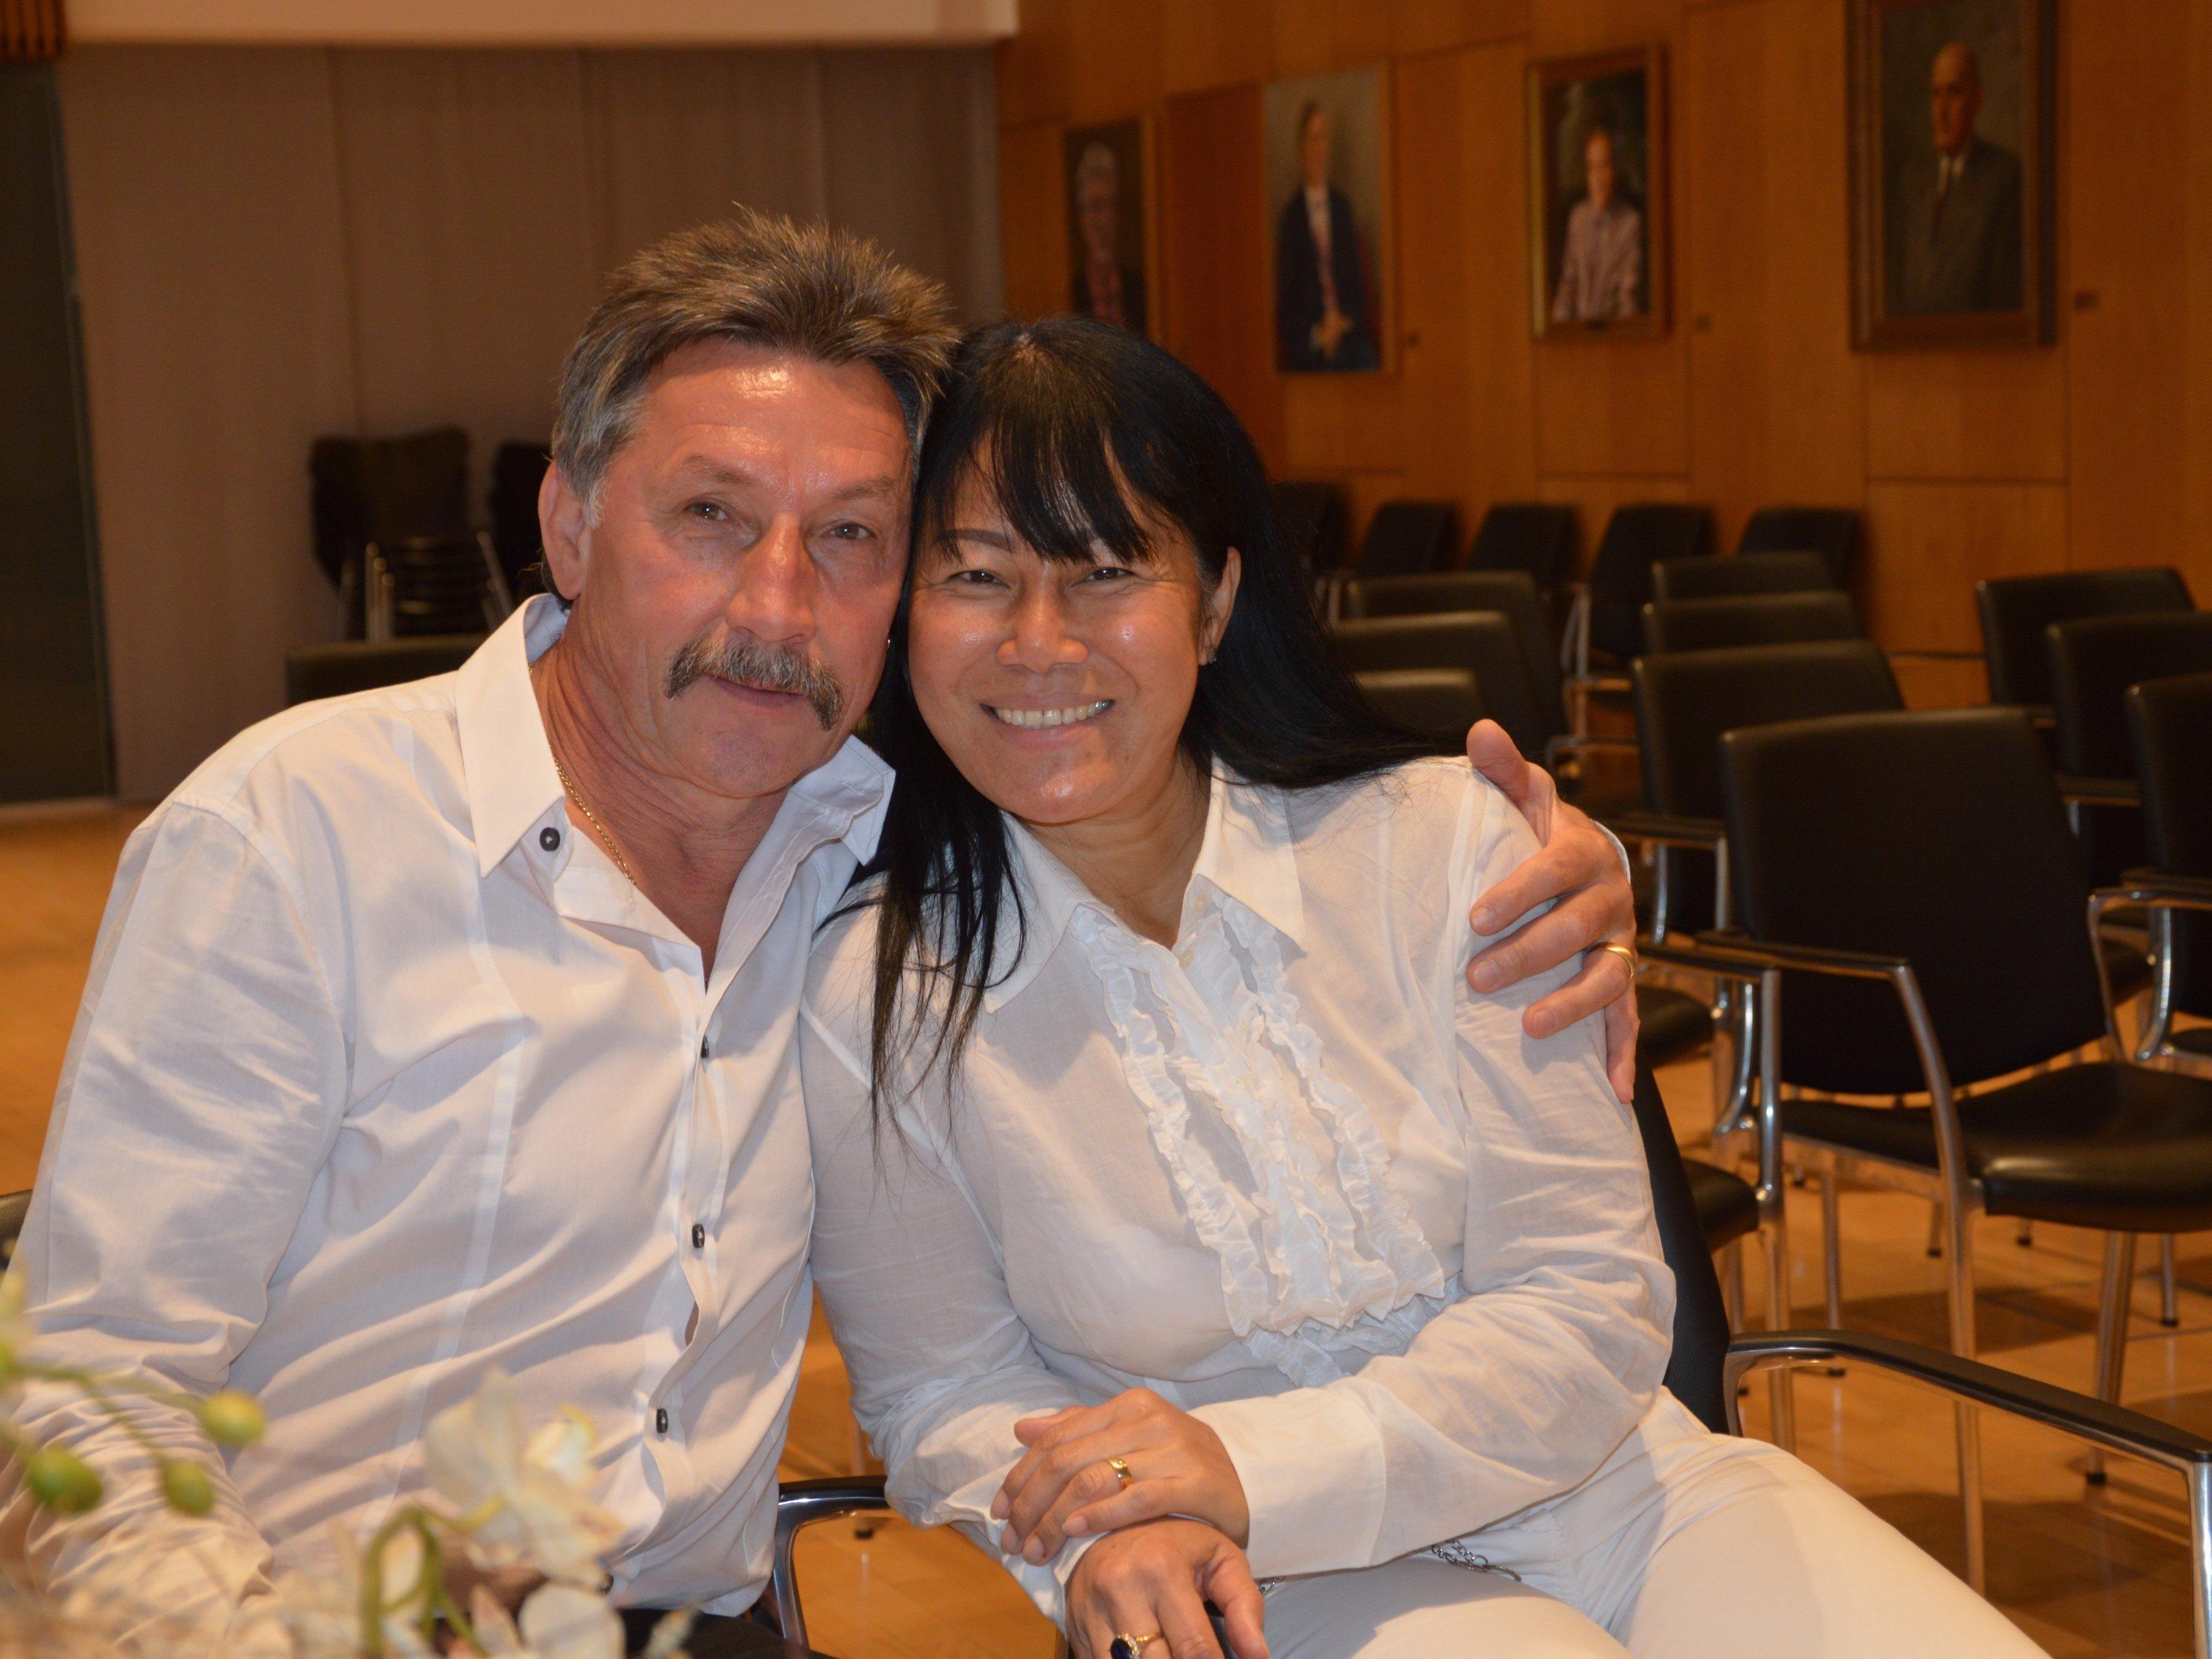 Samai Kasemwong und Erich Grabher Meier haben geheiratet